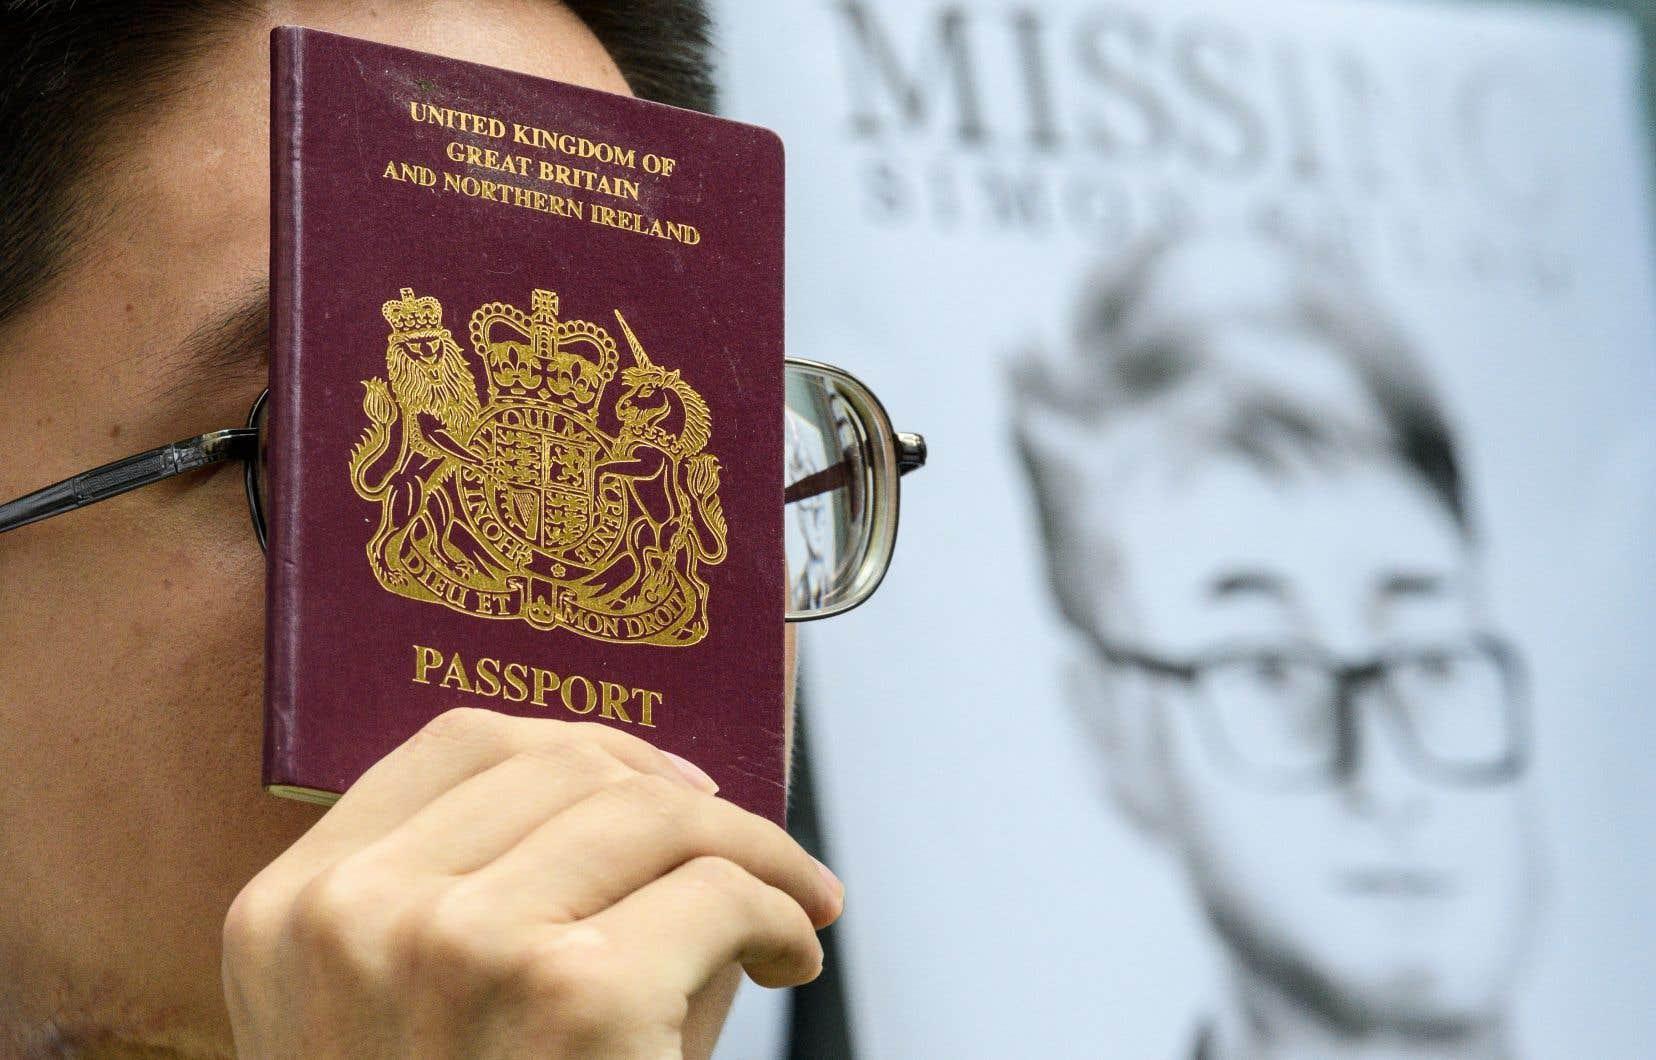 L'ancien employé du consulat de Grande-Bretagne à Hong Kong, Simon Cheng,avait disparu le 8août après s'être rendu à Shenzhen, une ville frontalière de Hong Kong, territoire autonome du sud de la Chine en proie à cinq mois de manifestations.